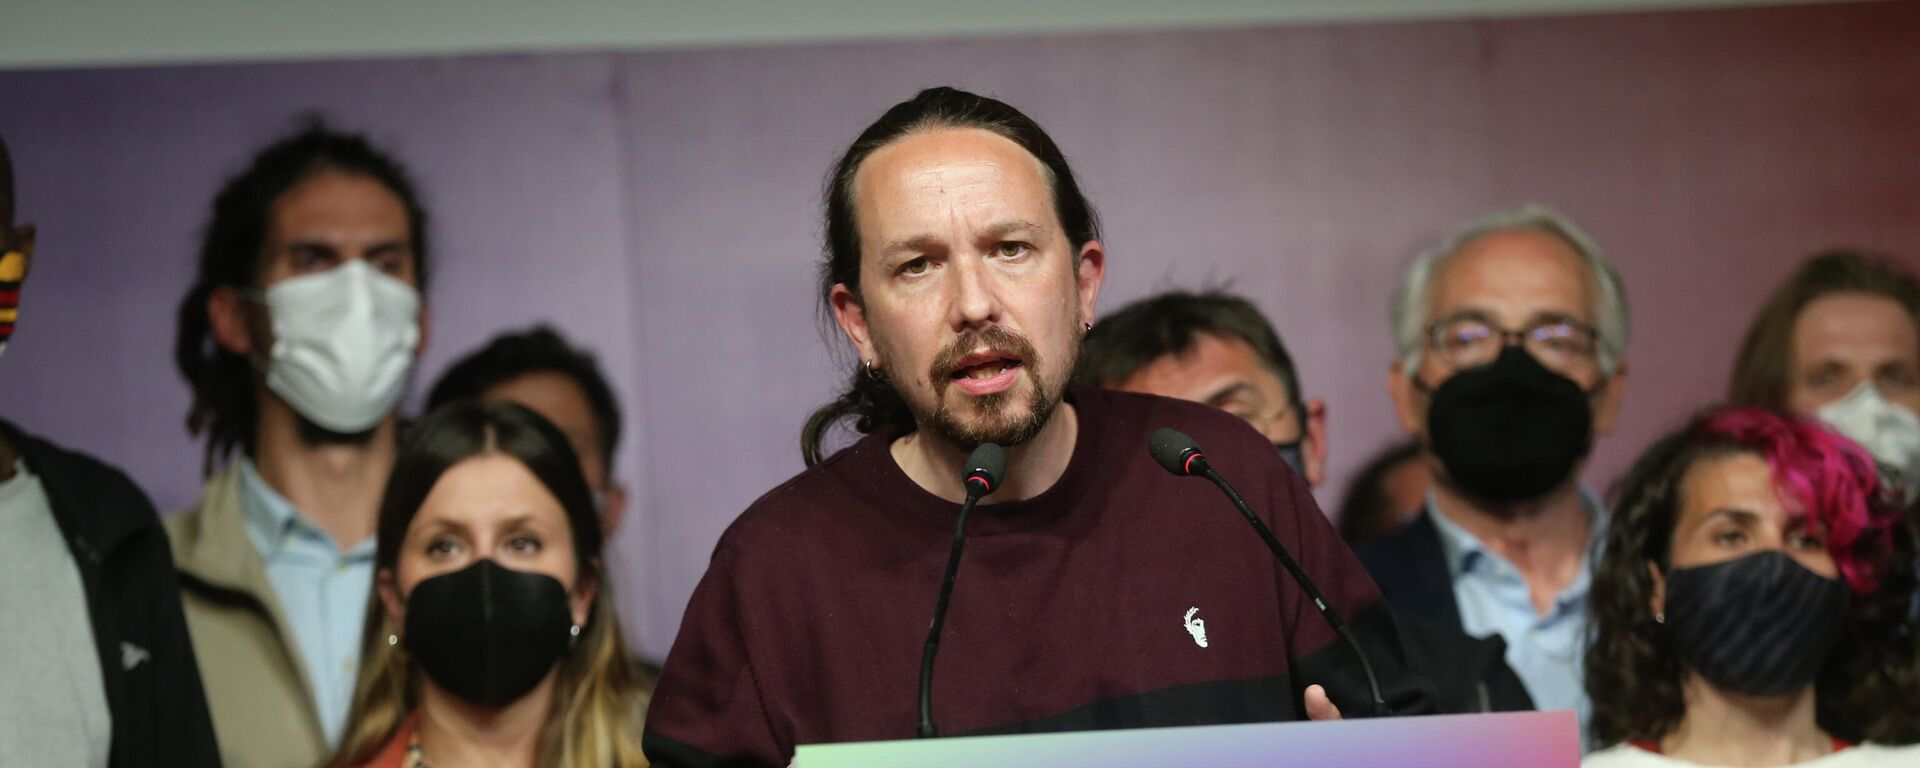 Pablo Iglesias, exsecretario general del partido español Unidad Podemos - Sputnik Mundo, 1920, 05.05.2021